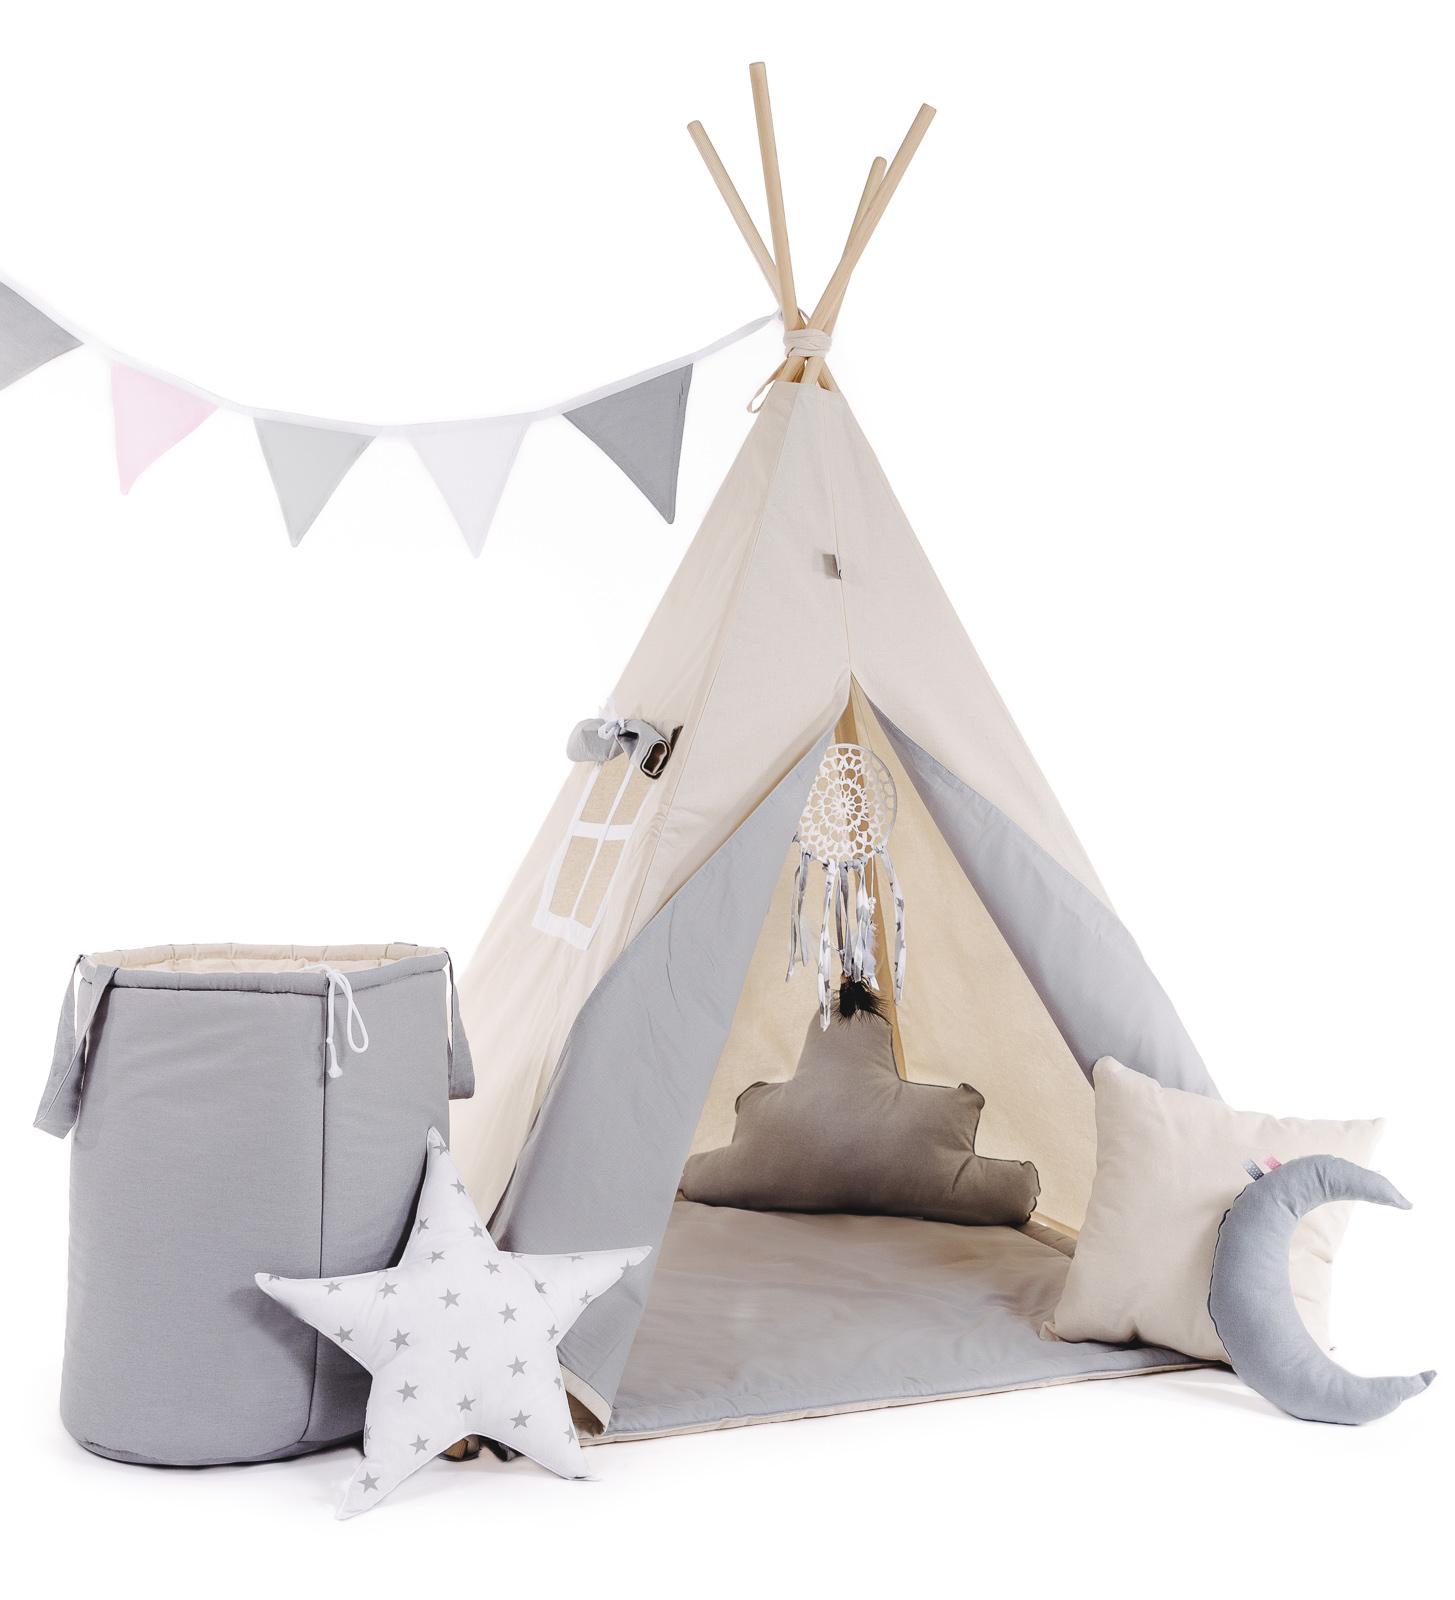 Tipi Teepee Indianerzelt Kinder Indianer Spielzelt Zelt mit und ohne ...